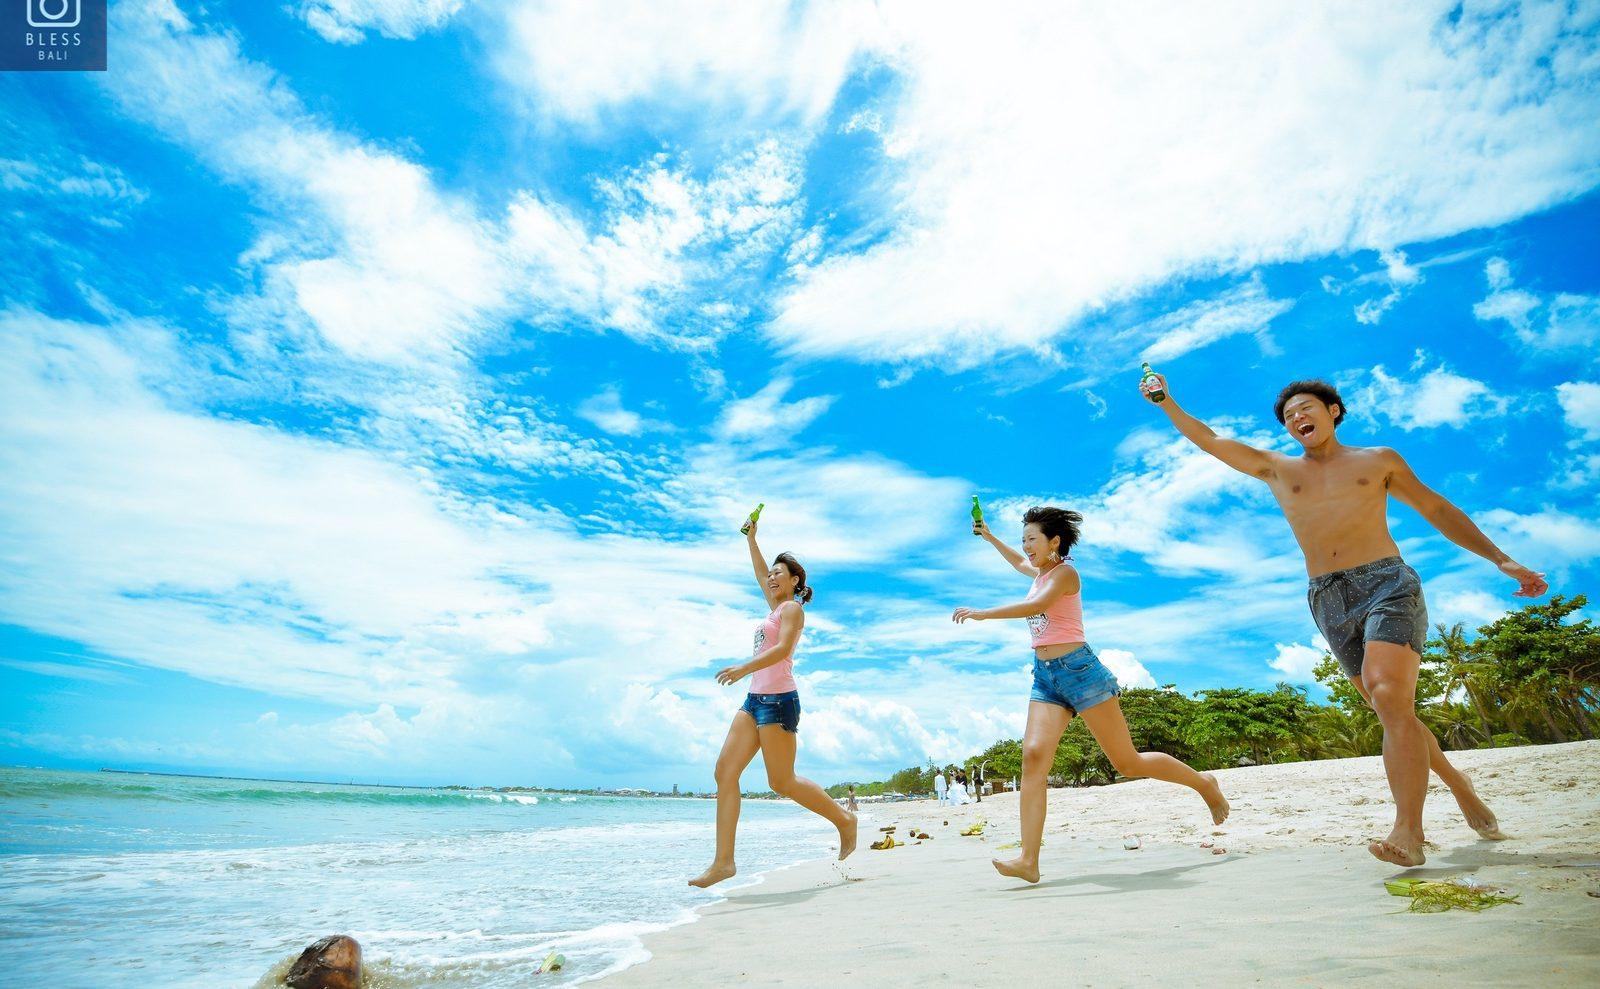 【お客様レポ#200】バリ旅行の想い出をかねて、ビーチでプロフィール写真を撮影  Tomo様